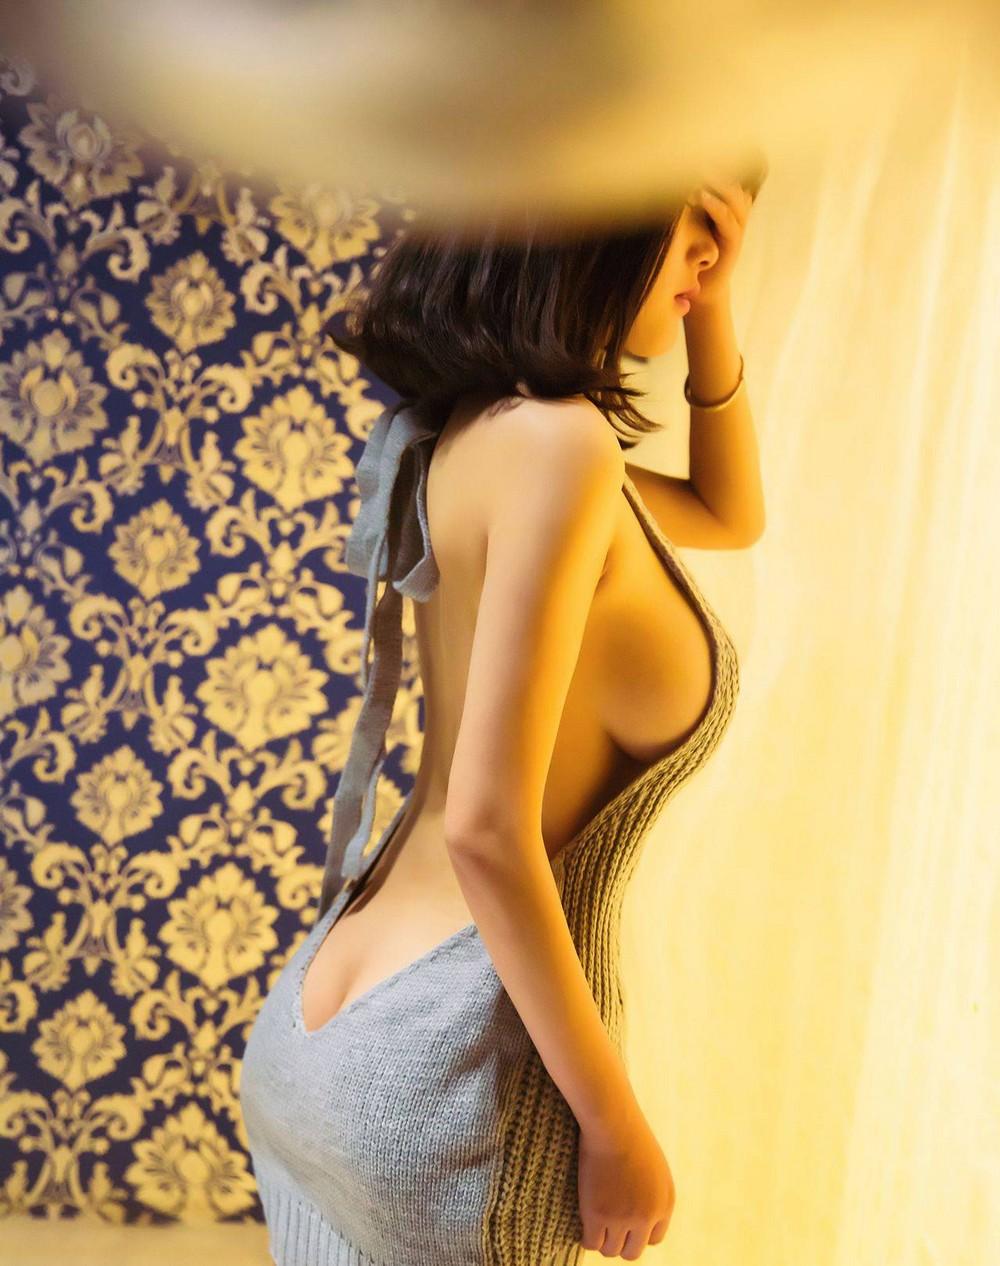 Русская брюнетка девушки в облегающем платье соски торчком видео клипы соседское порно кончаем